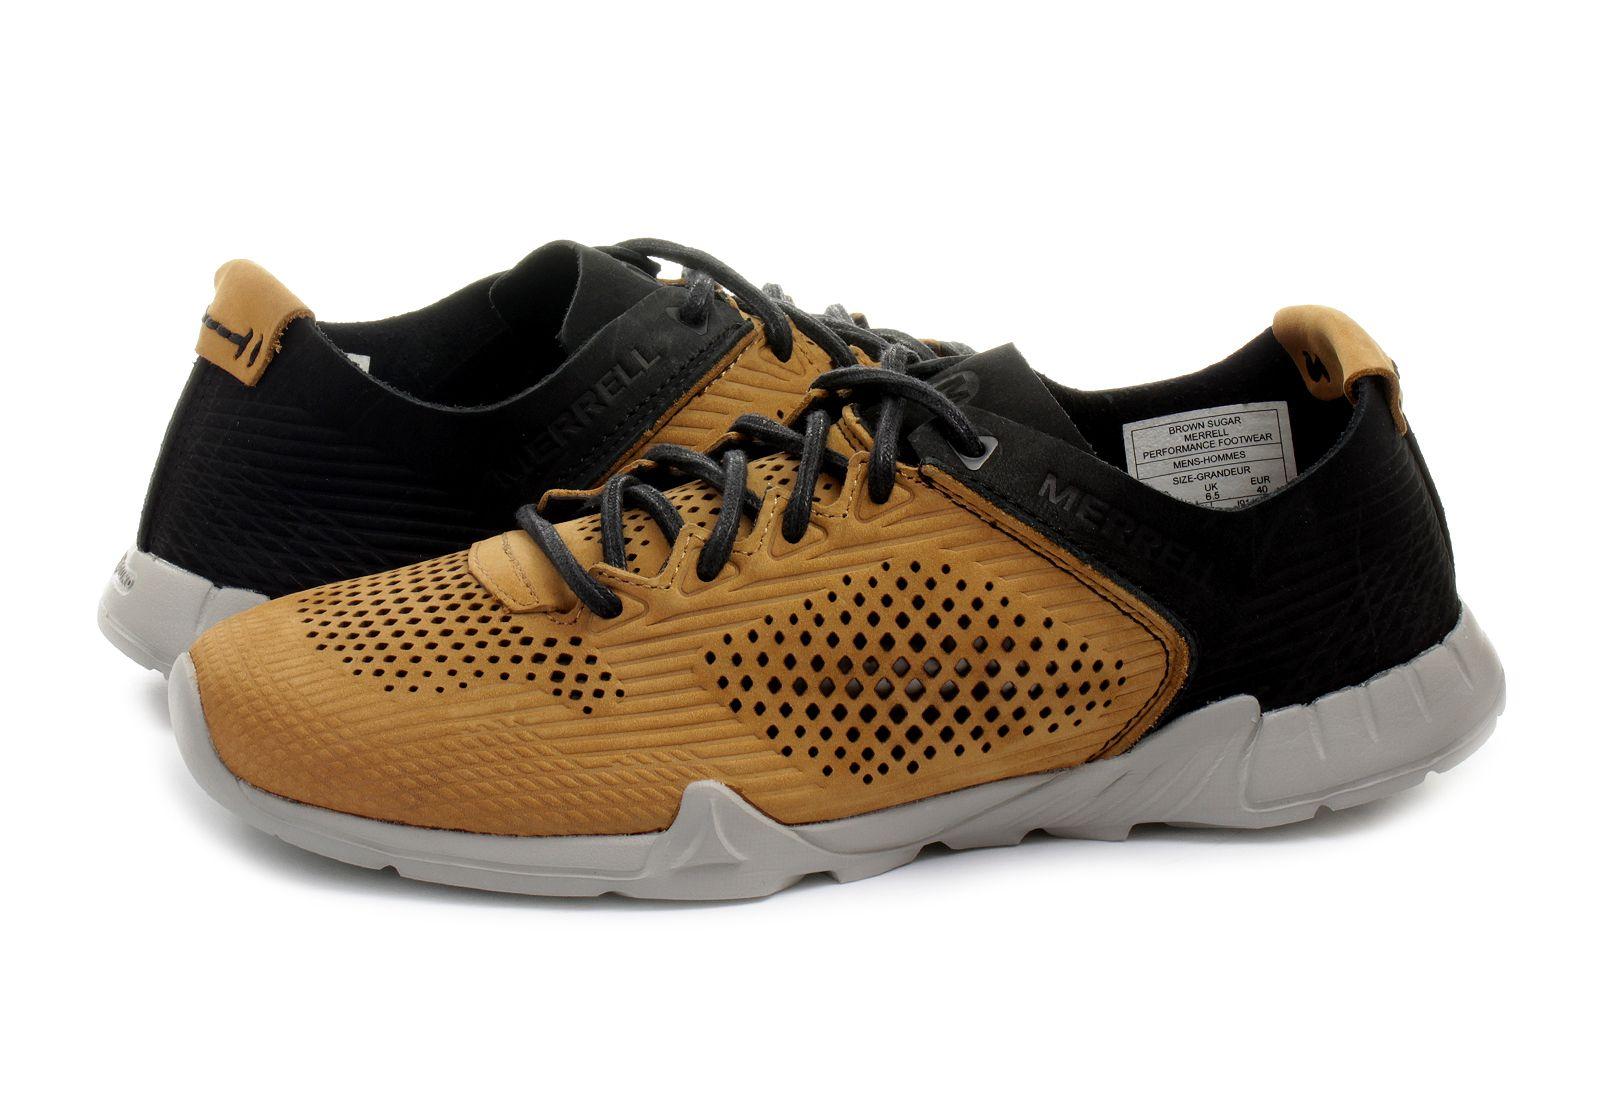 650241fda373 Merrell Cipő - Versent - J91457-brn - Office Shoes Magyarország